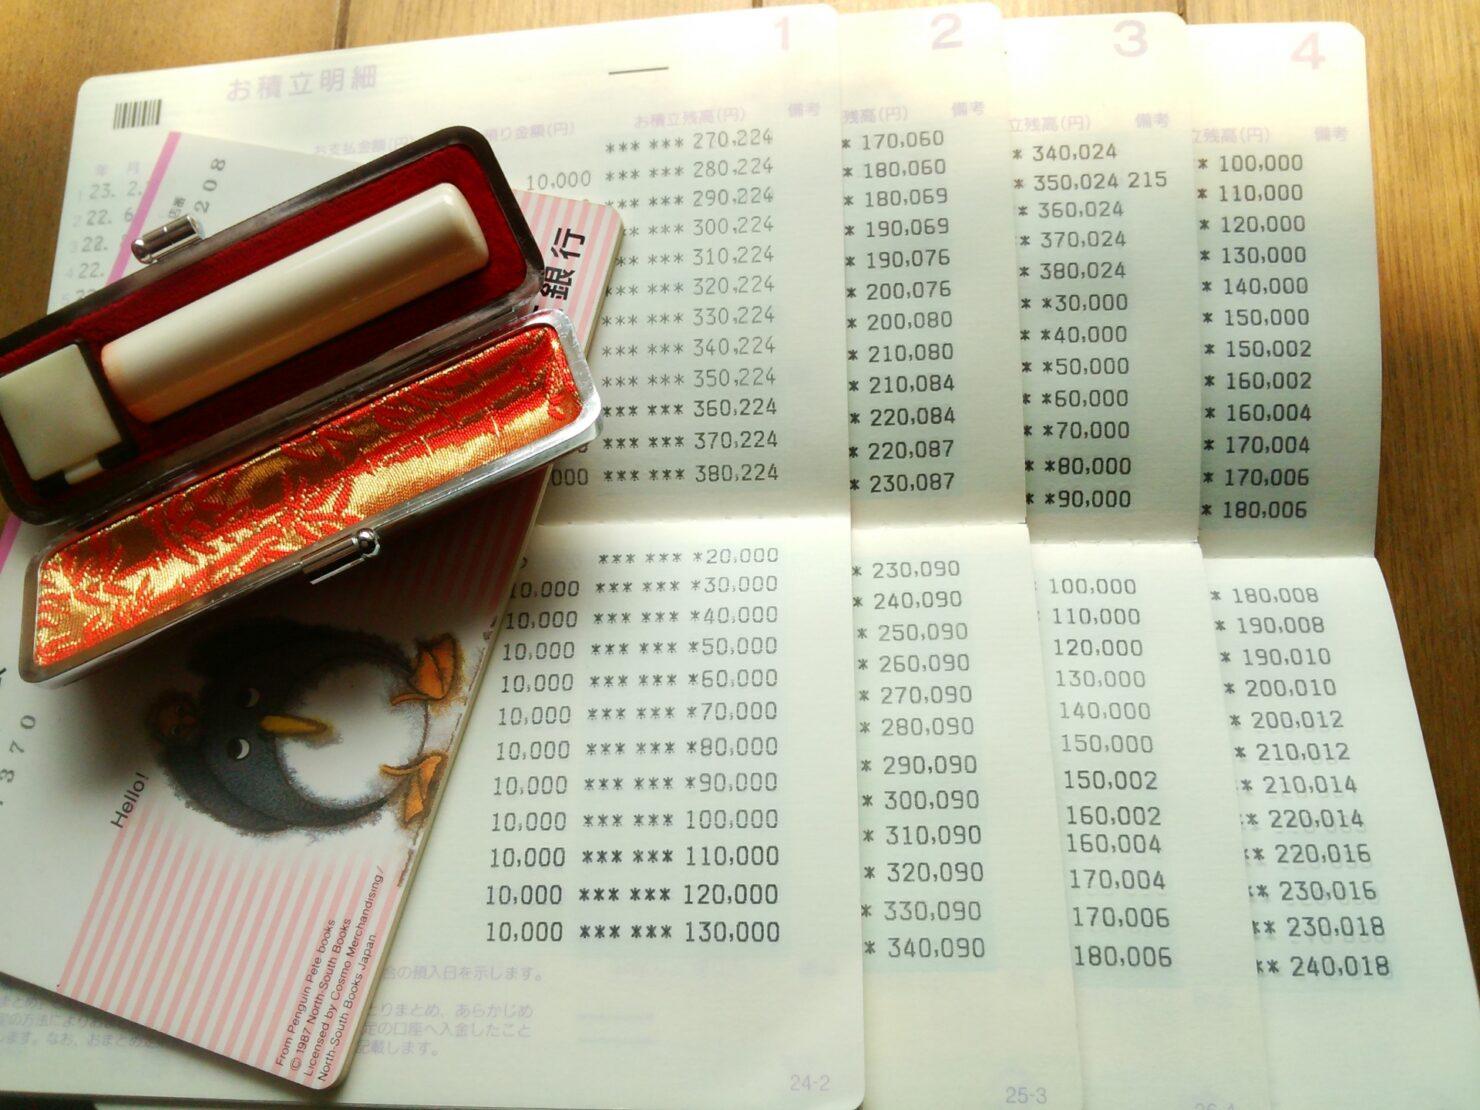 子育て世帯の貯金額の平均は? 年収・年齢別の平均貯金額をチェック!